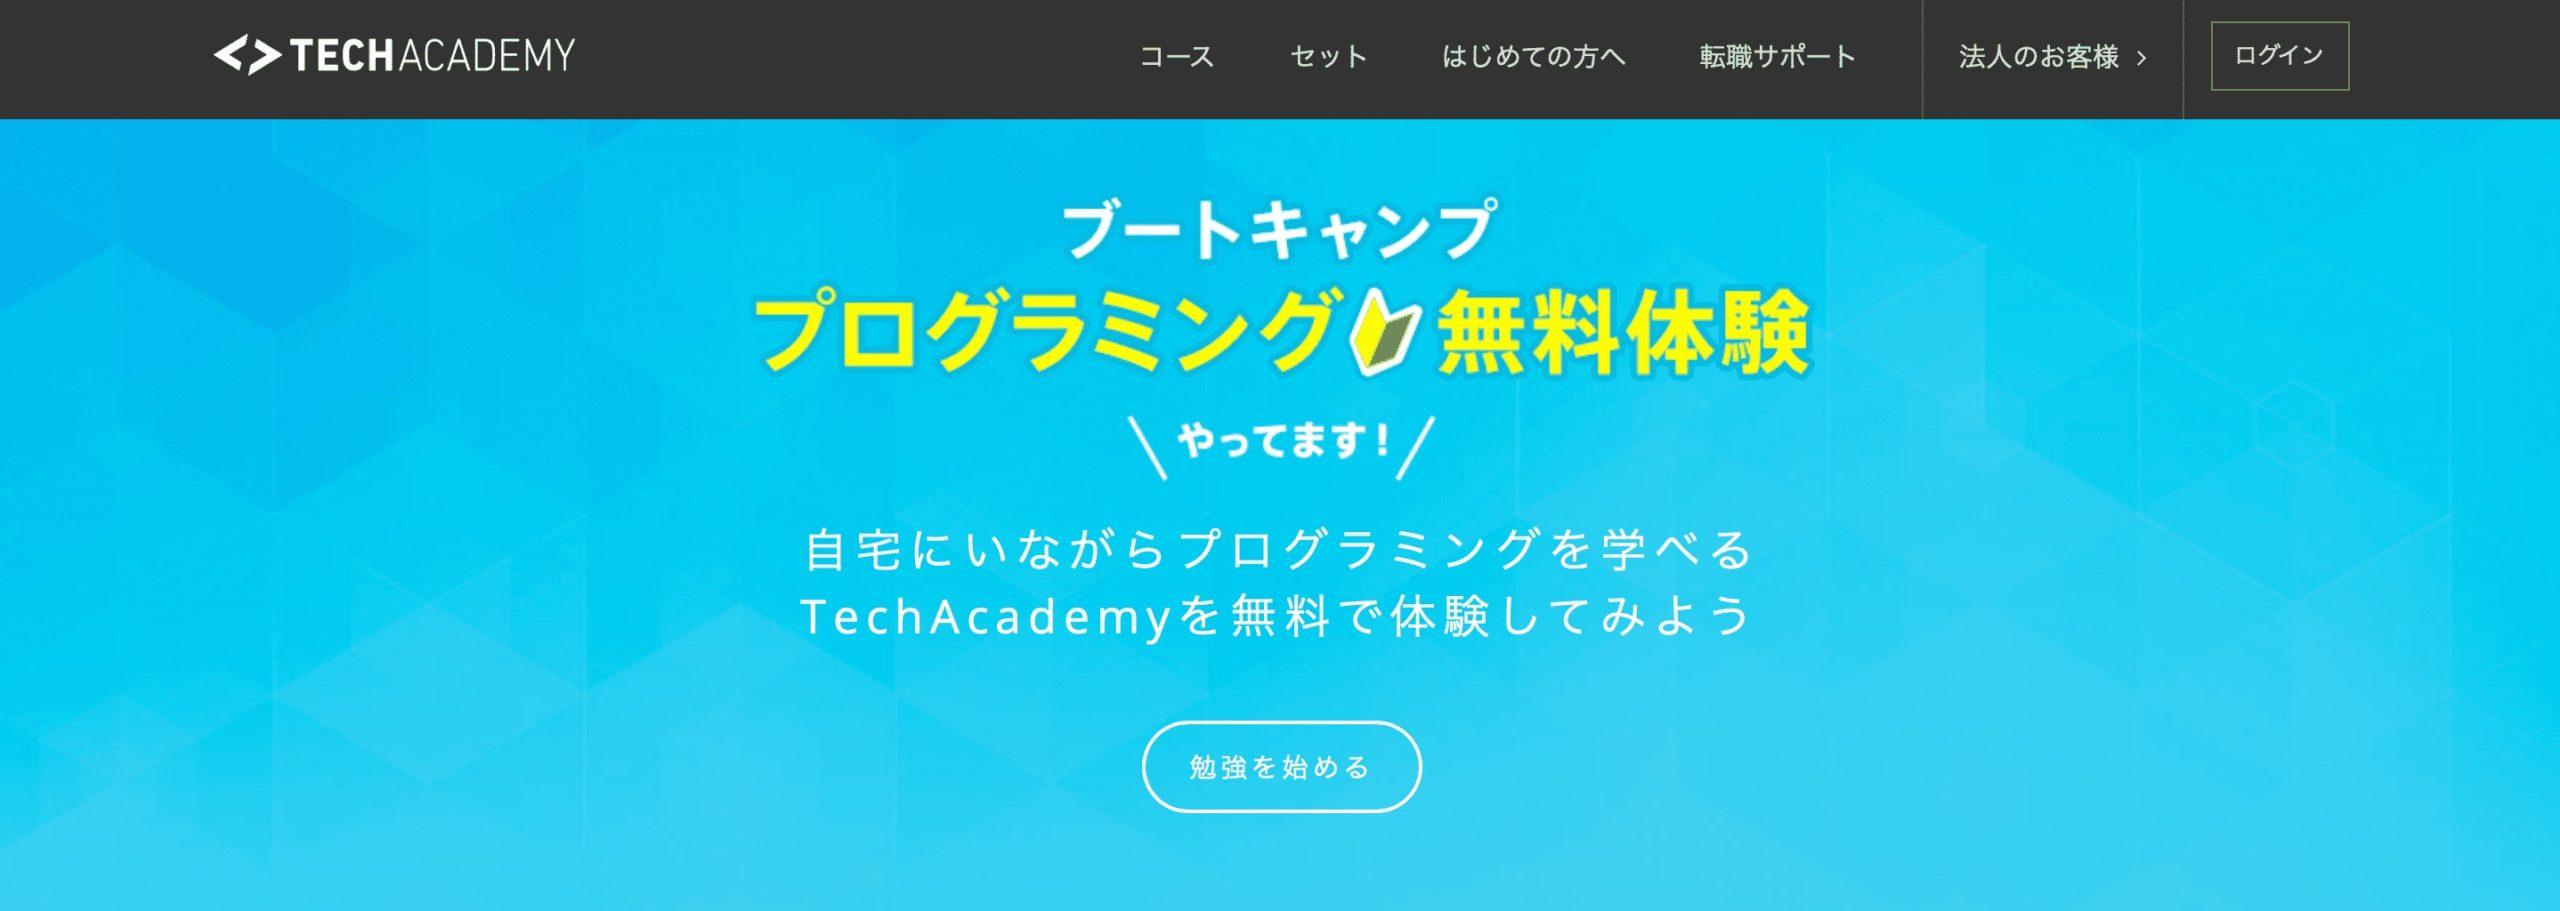 おすすめのAIプログラミングスクール「TechAcademy」